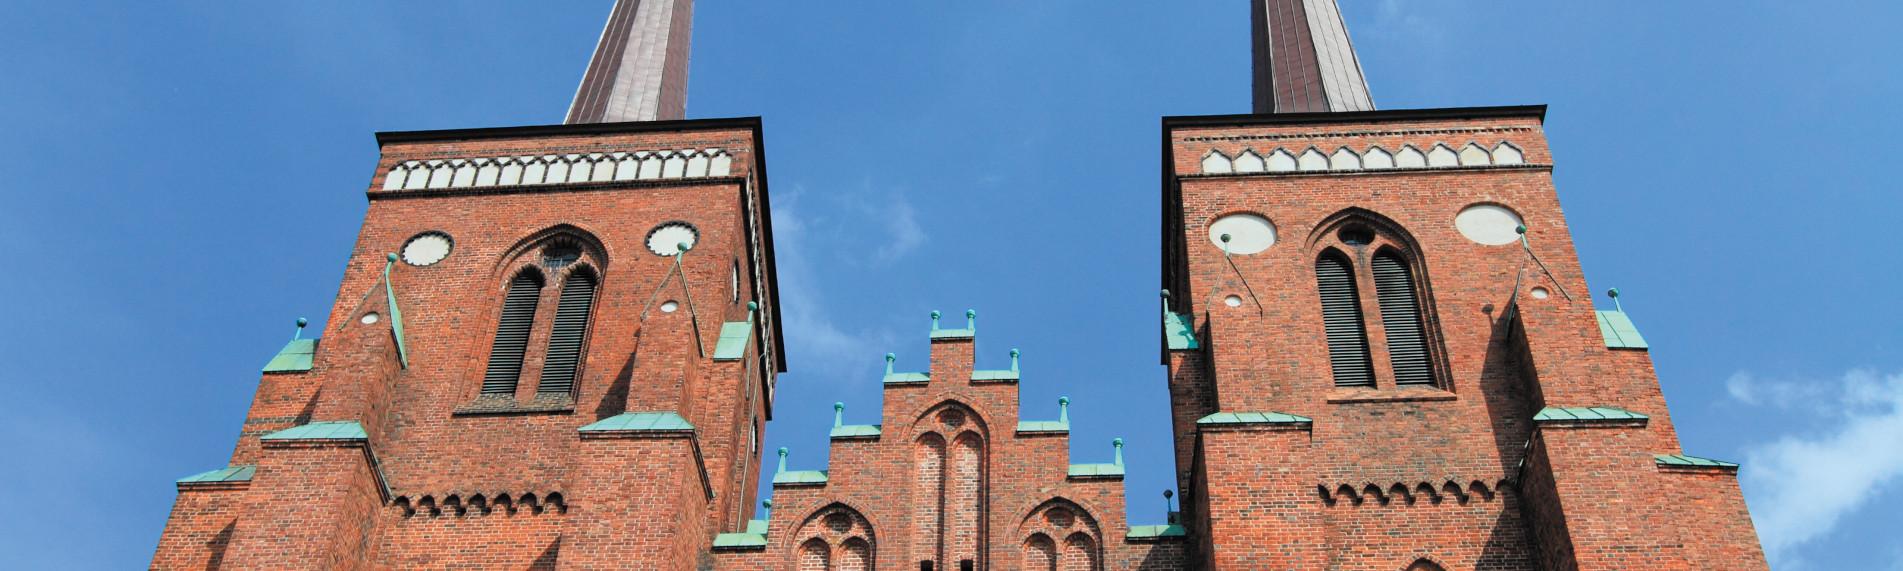 Mögel är inte längre något problem i Roskilde domkyrka